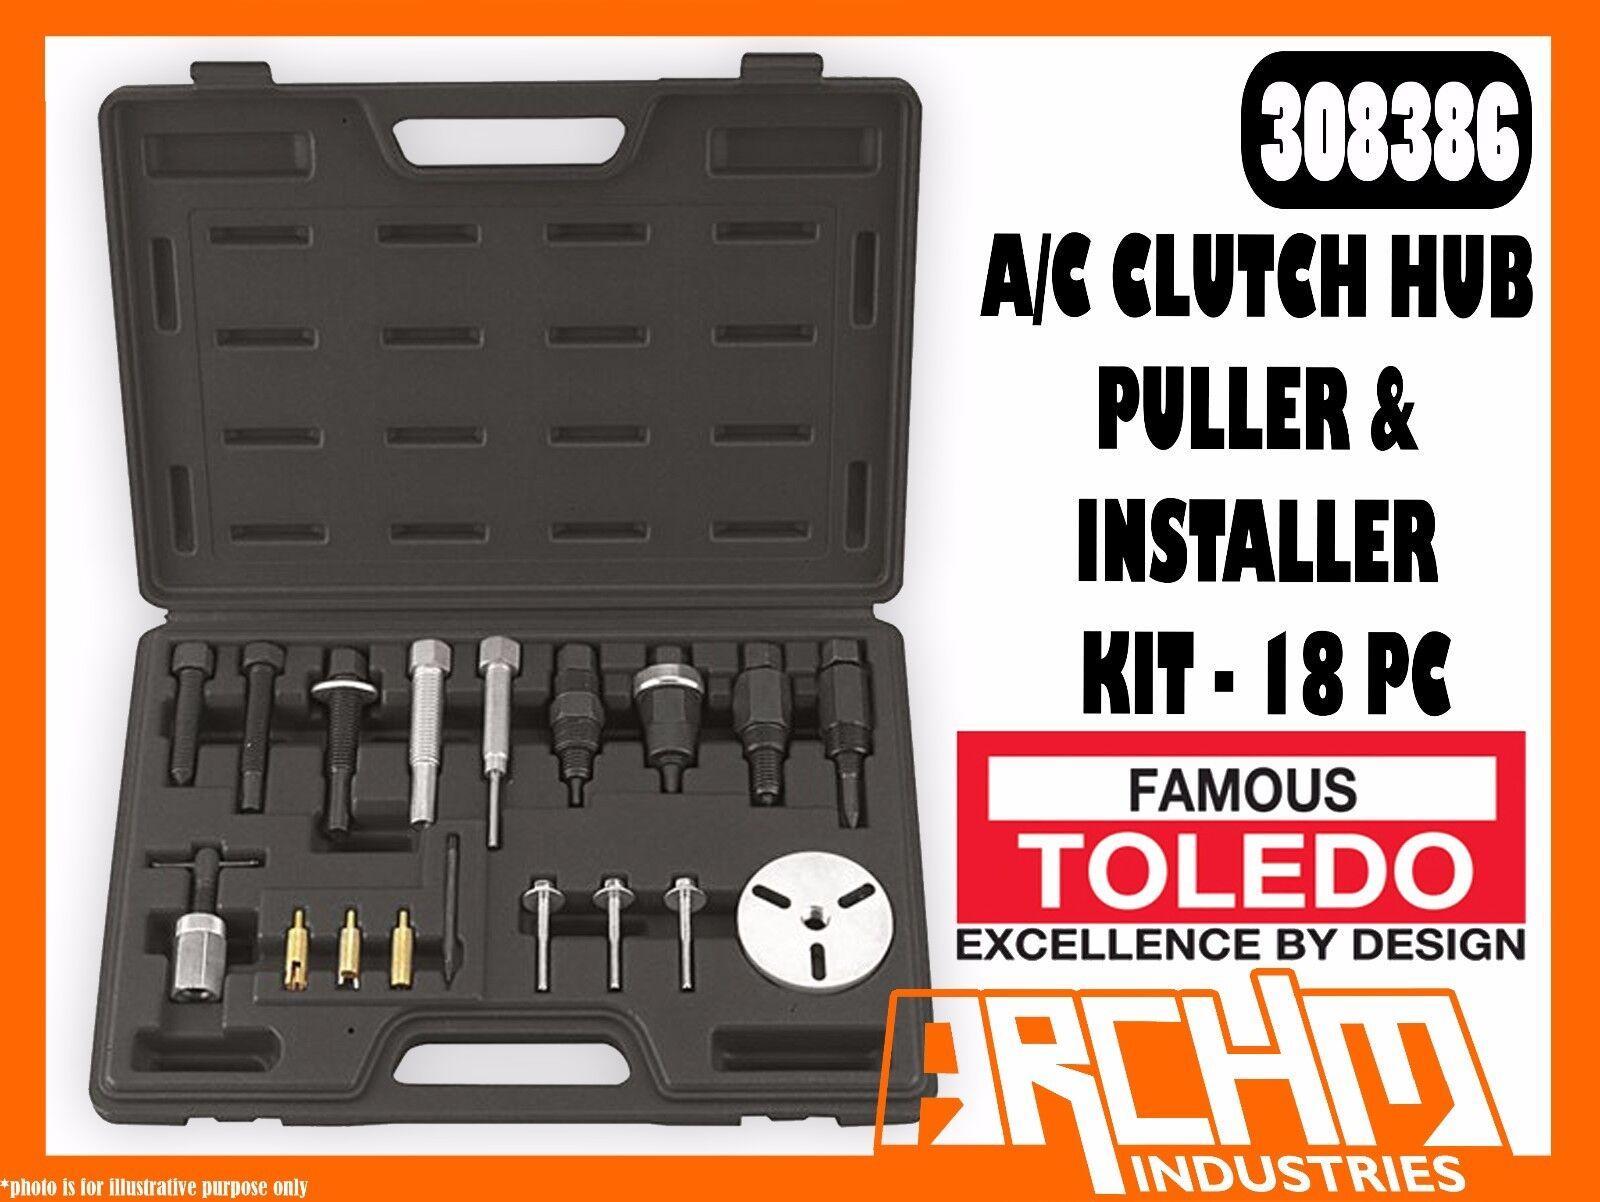 TOLEDO 308386 - A C CLUTCH HUB PULLER & INSTALLER KIT - 18 PC - FLANGE SCREWS